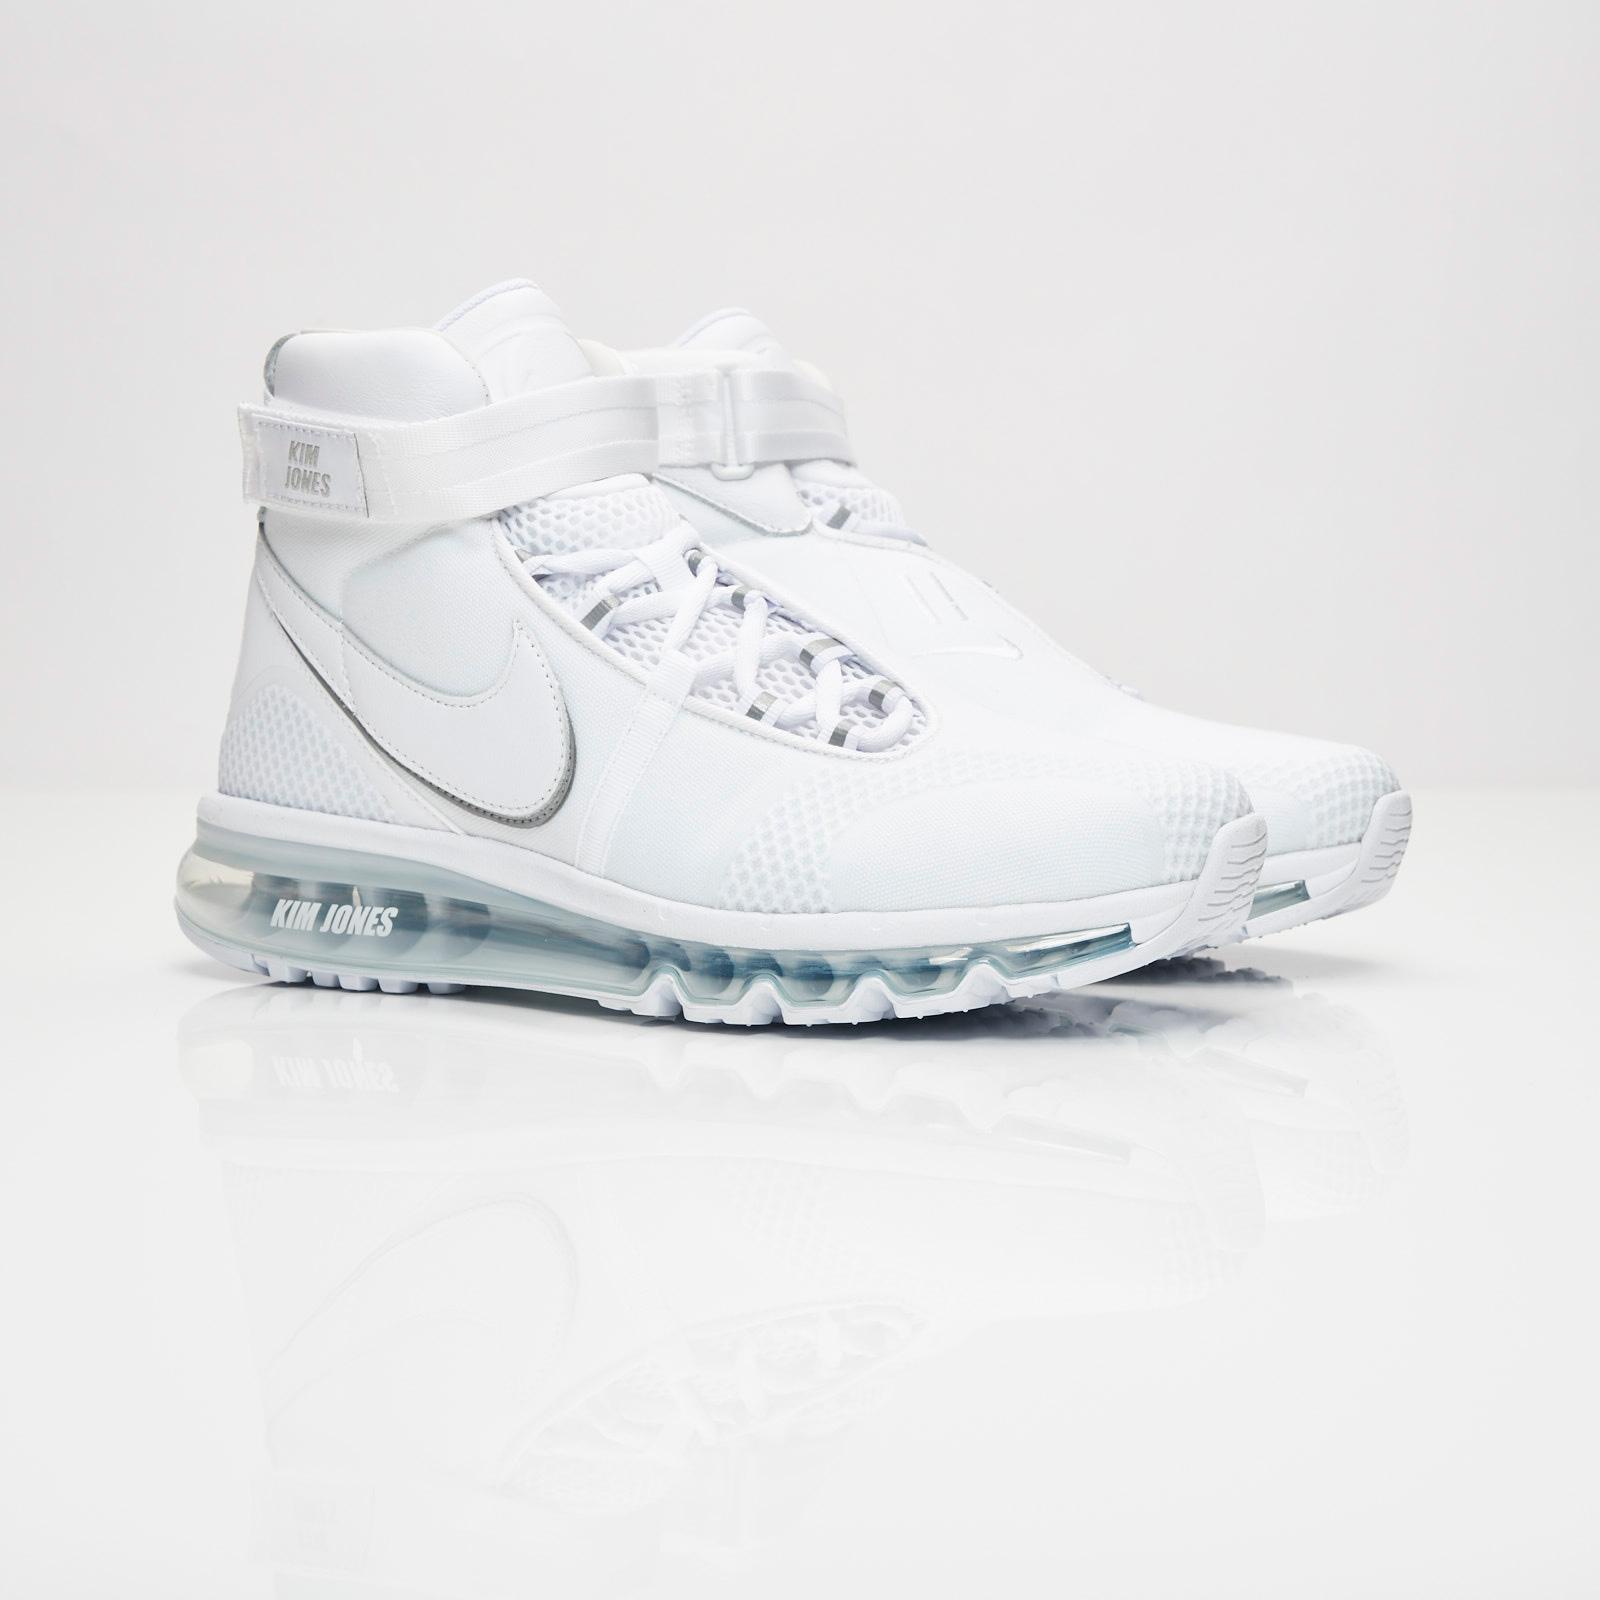 58f54acf8b Nike Air Max 360 HI/KJ - Ao2313-100 - Sneakersnstuff | sneakers ...